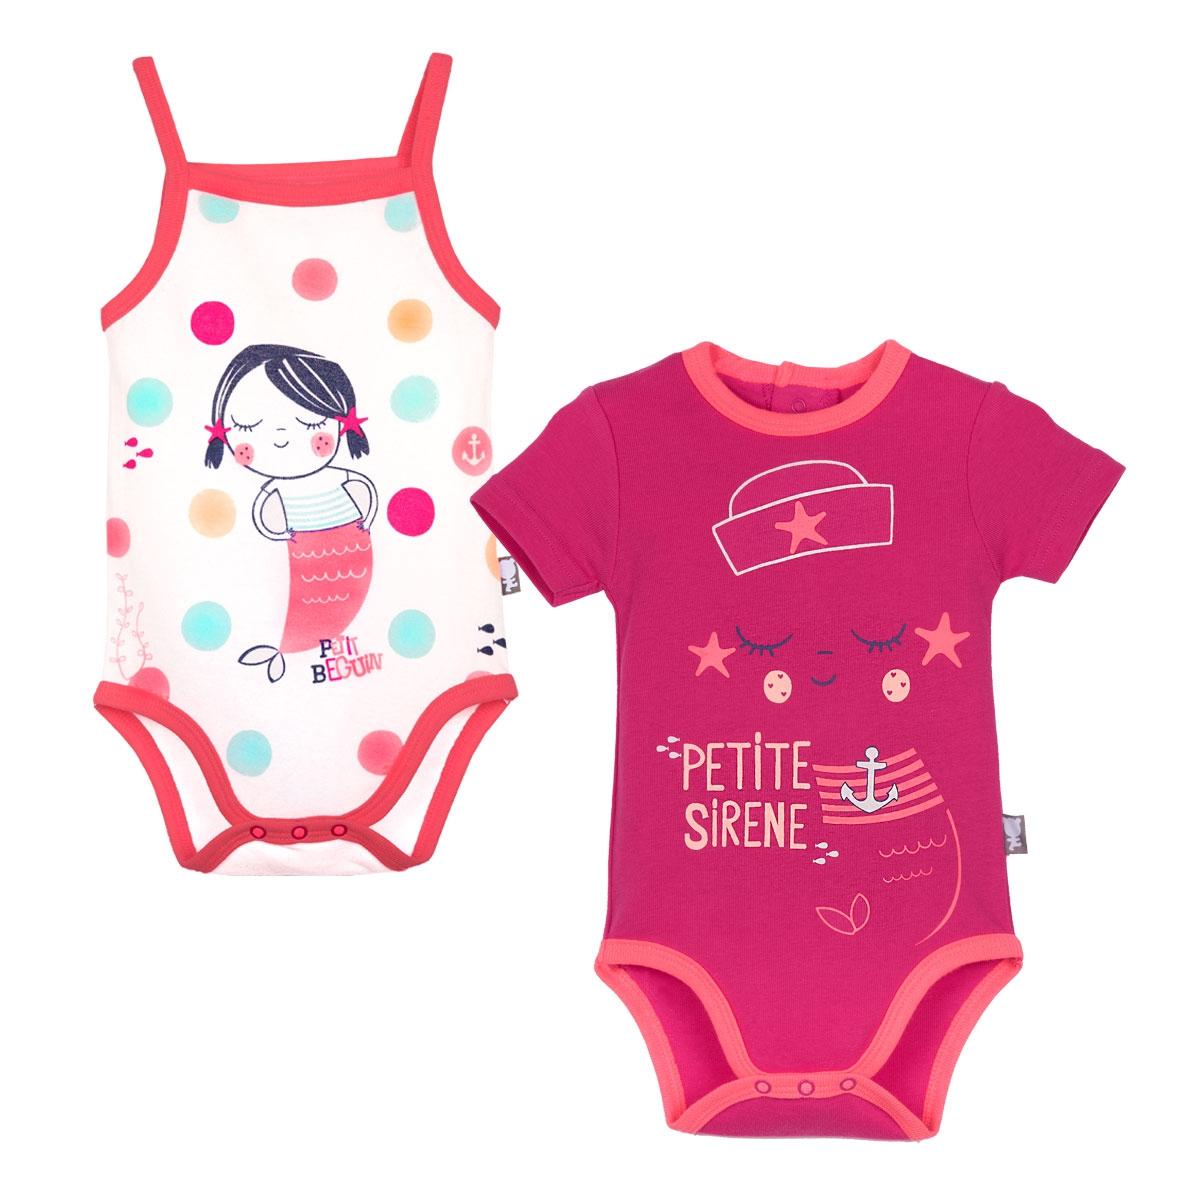 Lot de 2 bodies manches courtes et débardeur bébé fille A l eau - PET 830607070e9